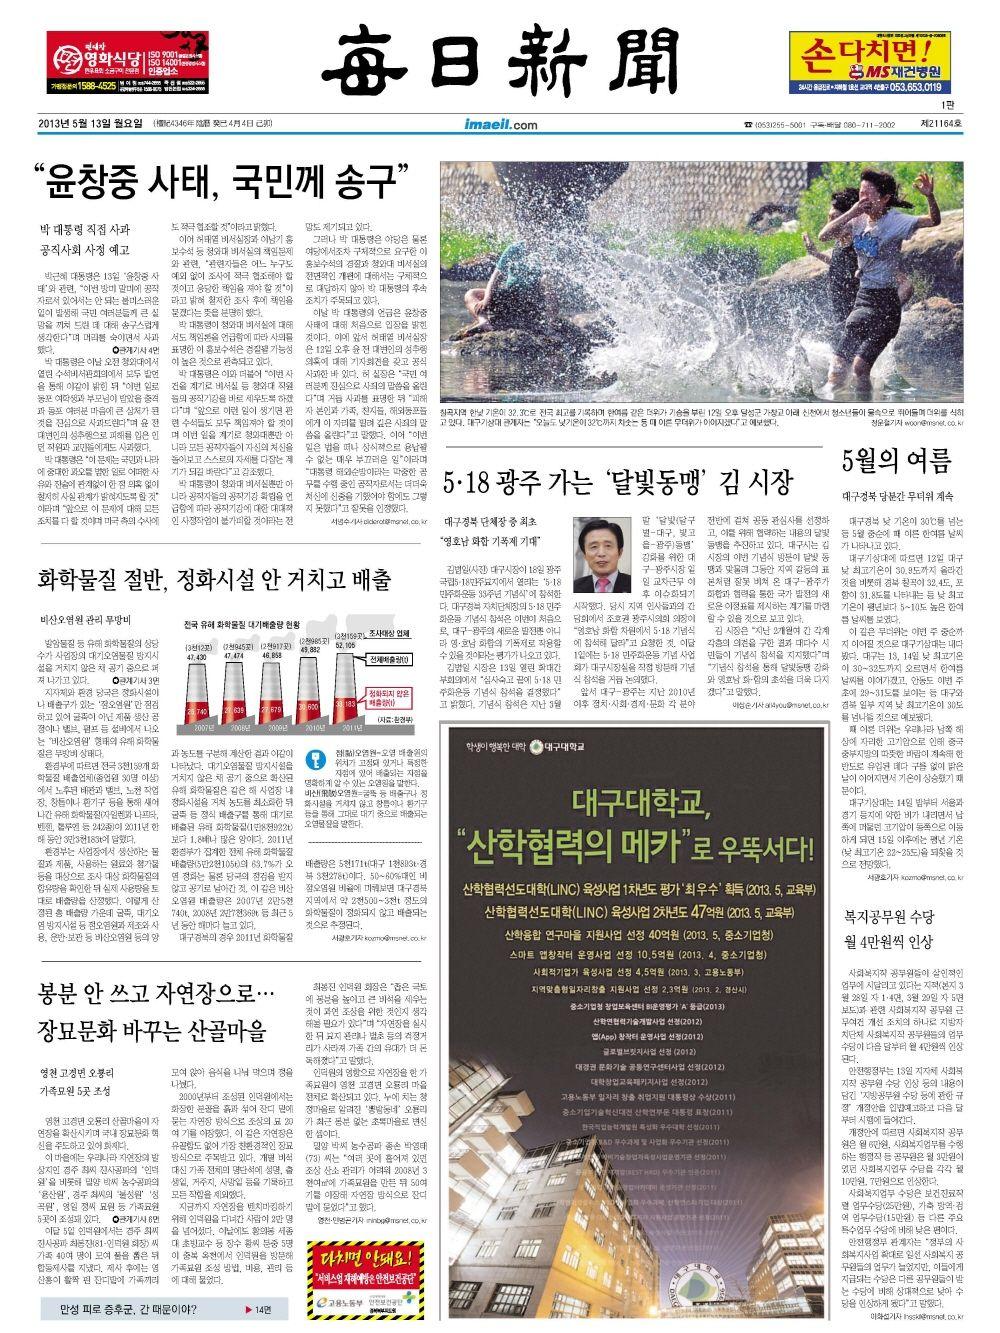 2013년 5월 13일 월요일 매일신문 1면